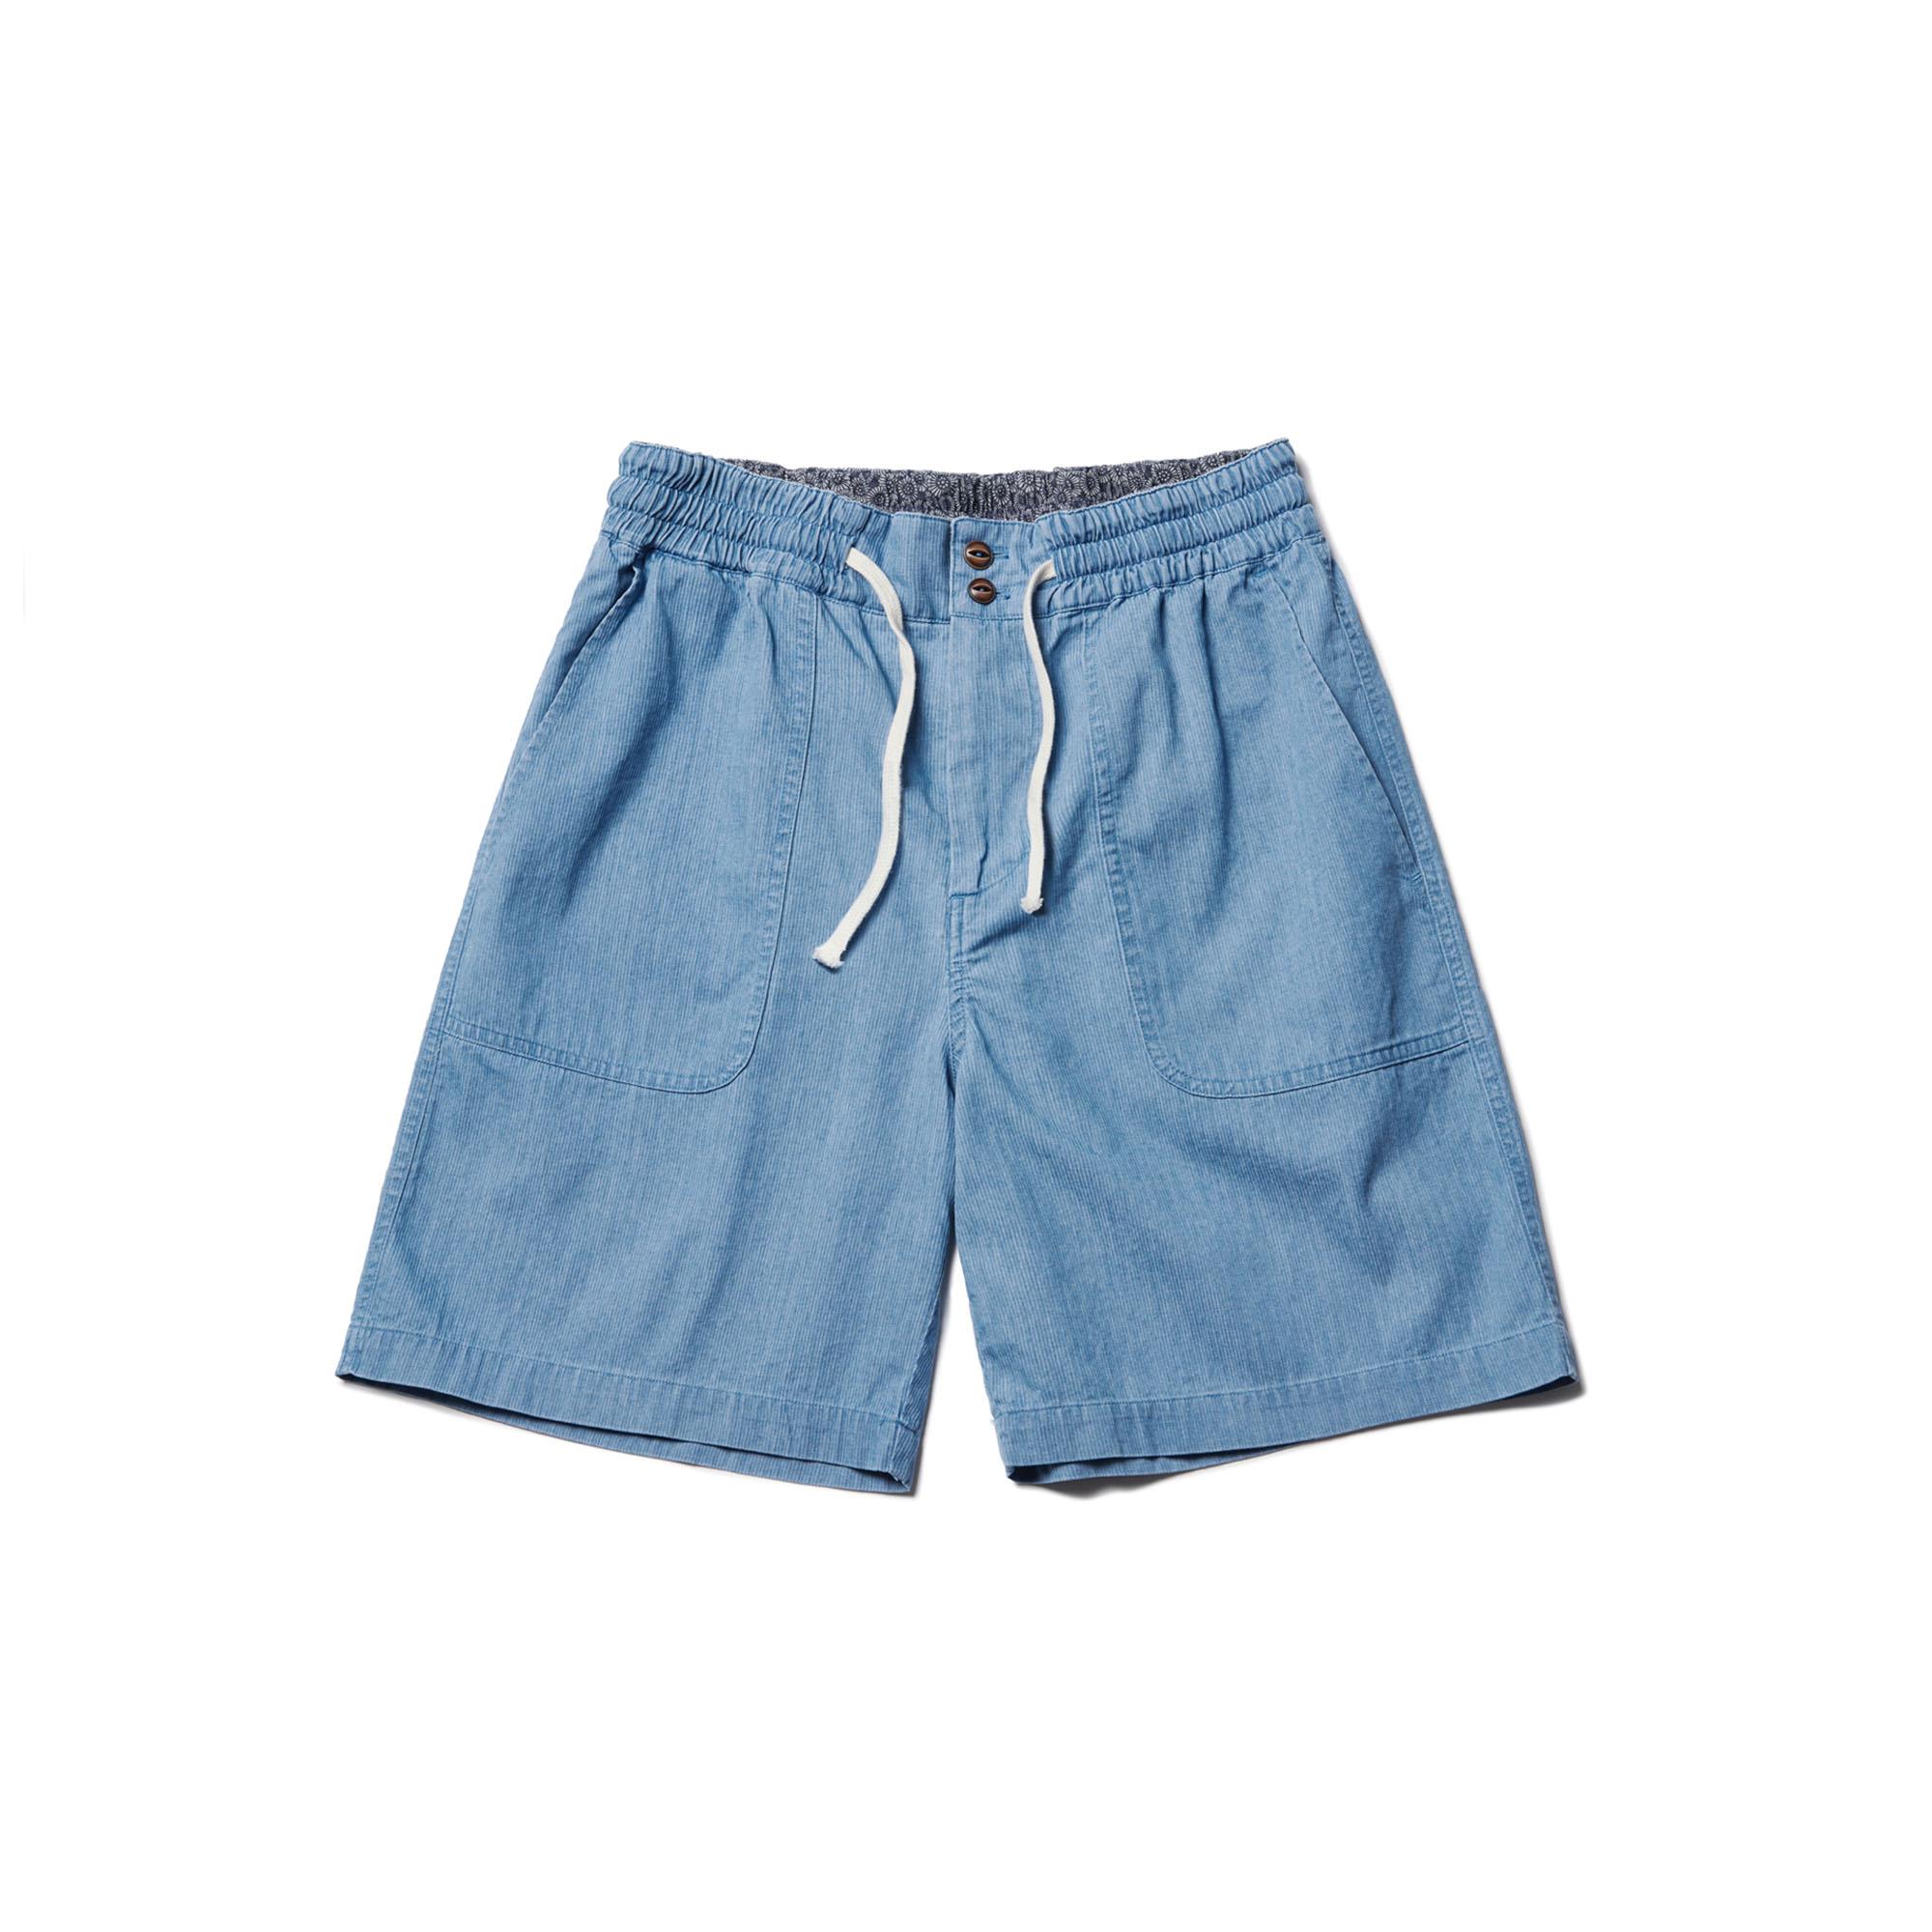 Minute Stripe Washed Half Pants Light Blue